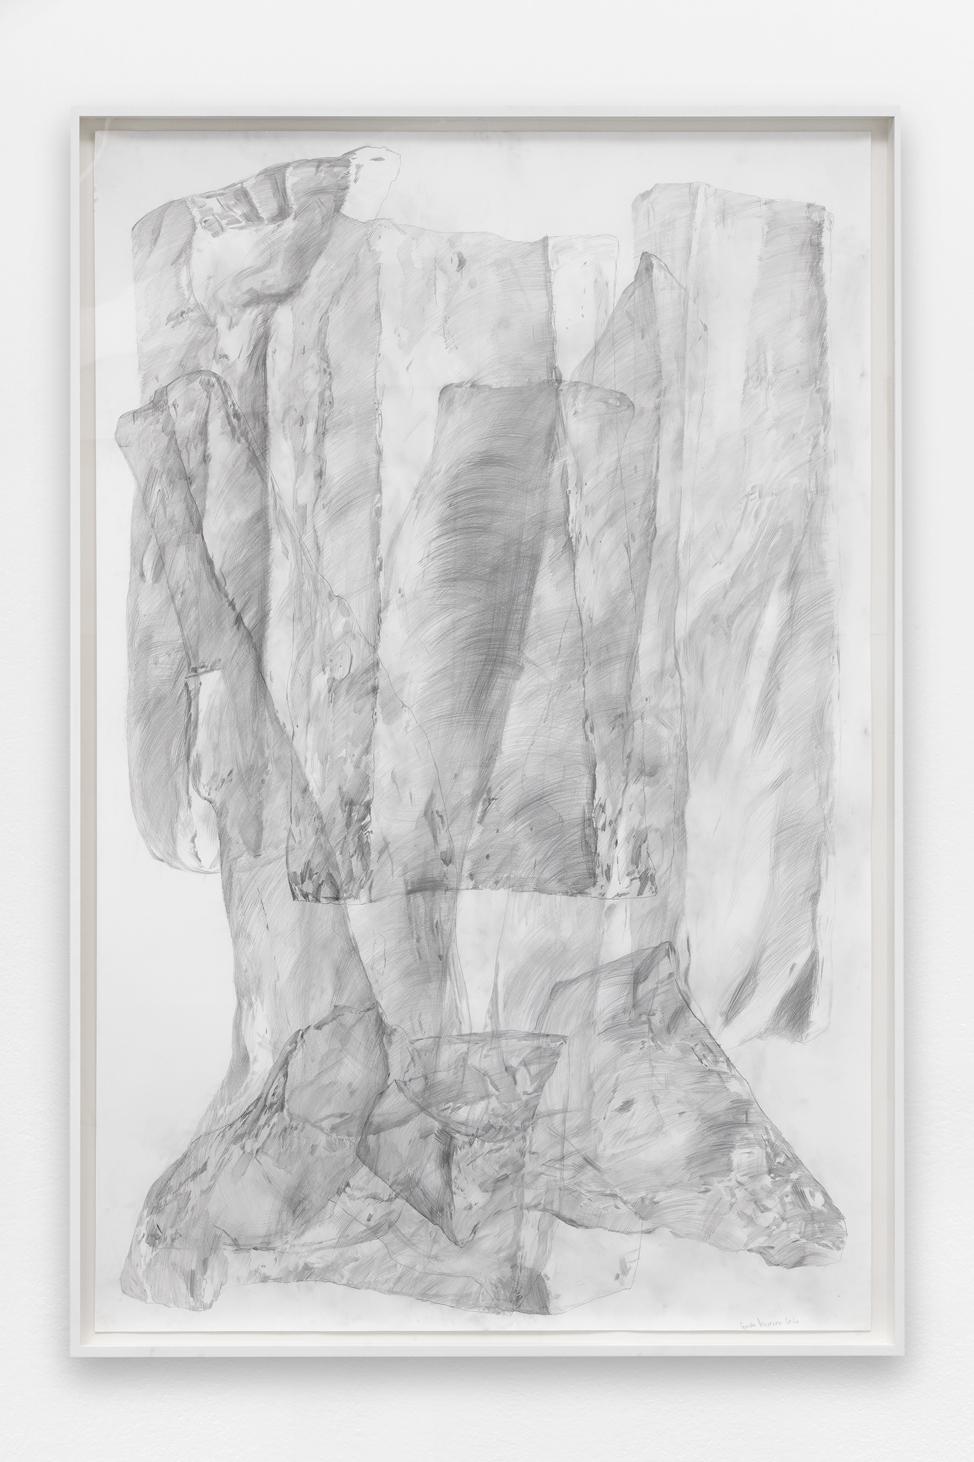 Spectre #2 , Ciprian Mureșan, 2020, Pencil on paper, 211 x 161 x 7 cm  — Galerie Éric Hussenot, Paris